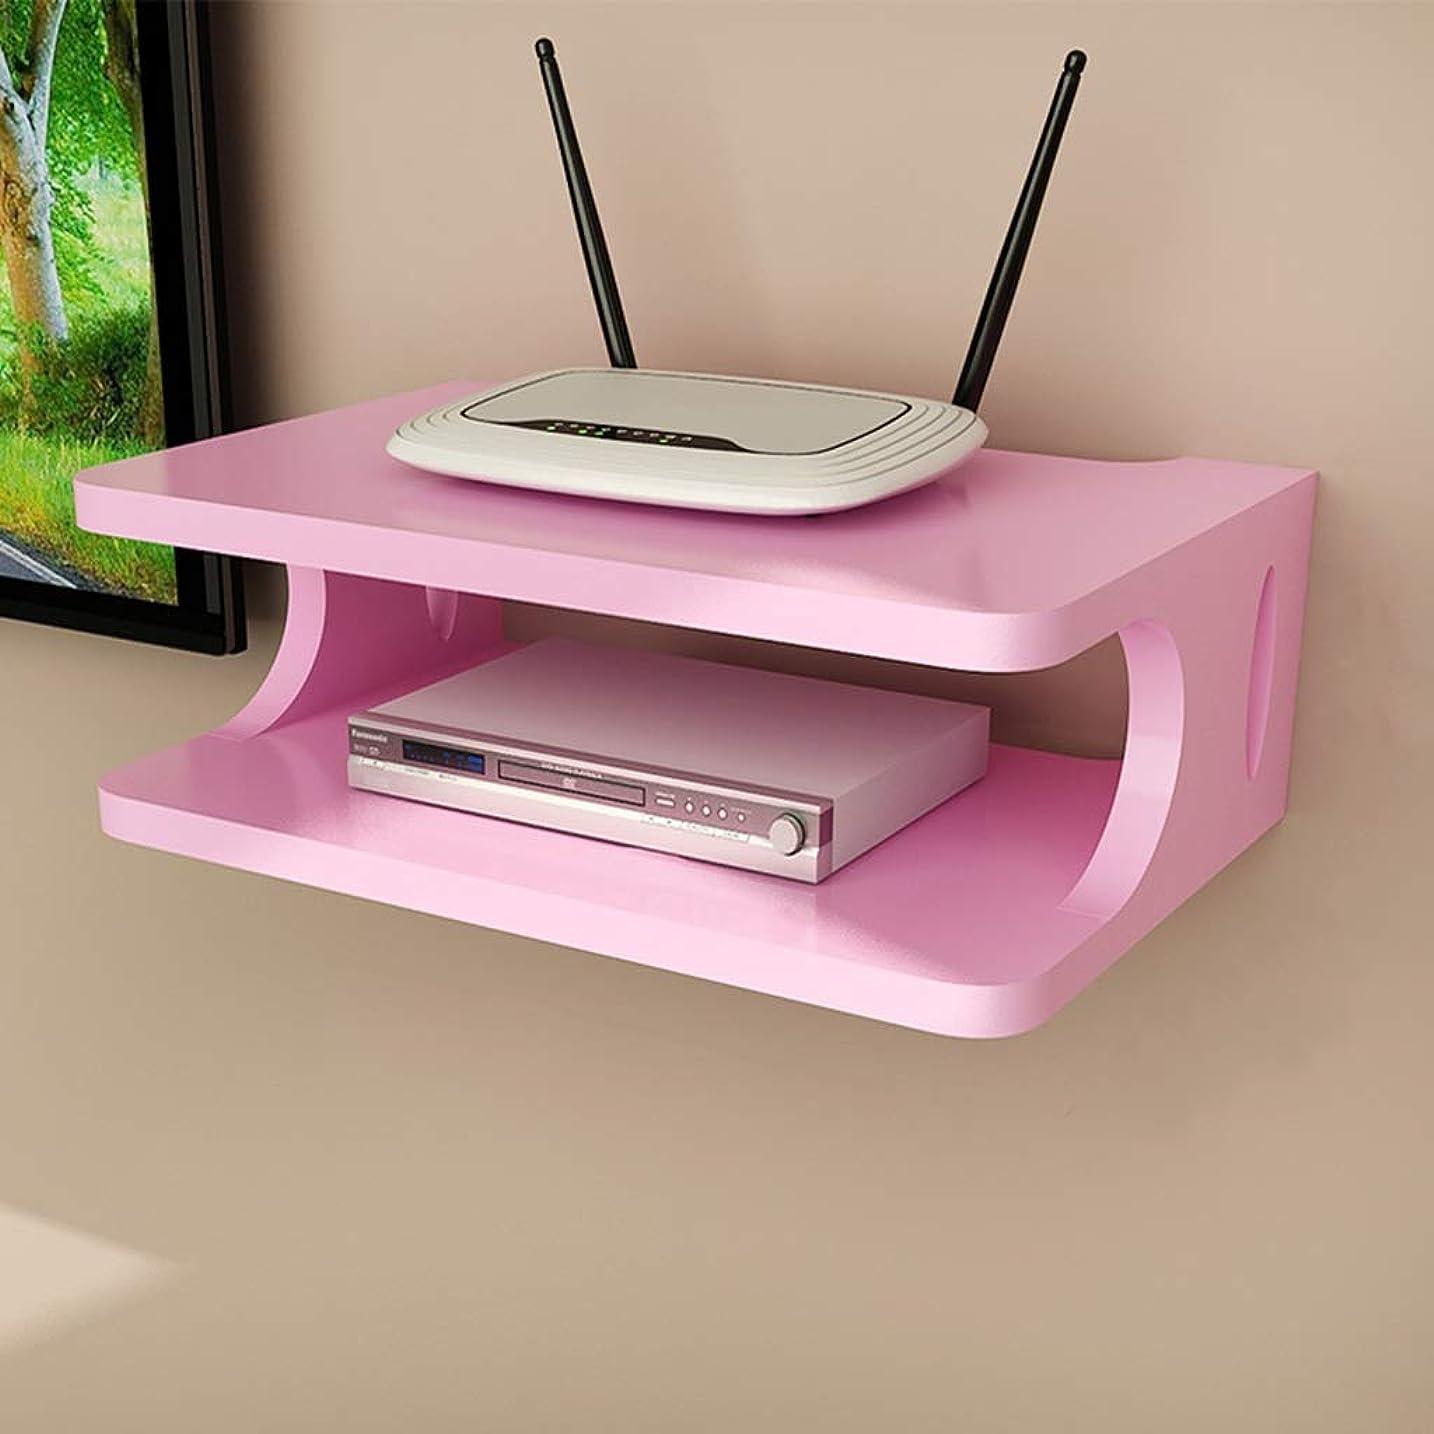 ピッチマーティンルーサーキングジュニア類似性FU HOME ウォールマウントシェルフブラケットfor WiFiルーターテレビボックスセットトップボックスモデムケーブルボックスDVDプレーヤーストリーミングメディア機器 (色 : ピンク)